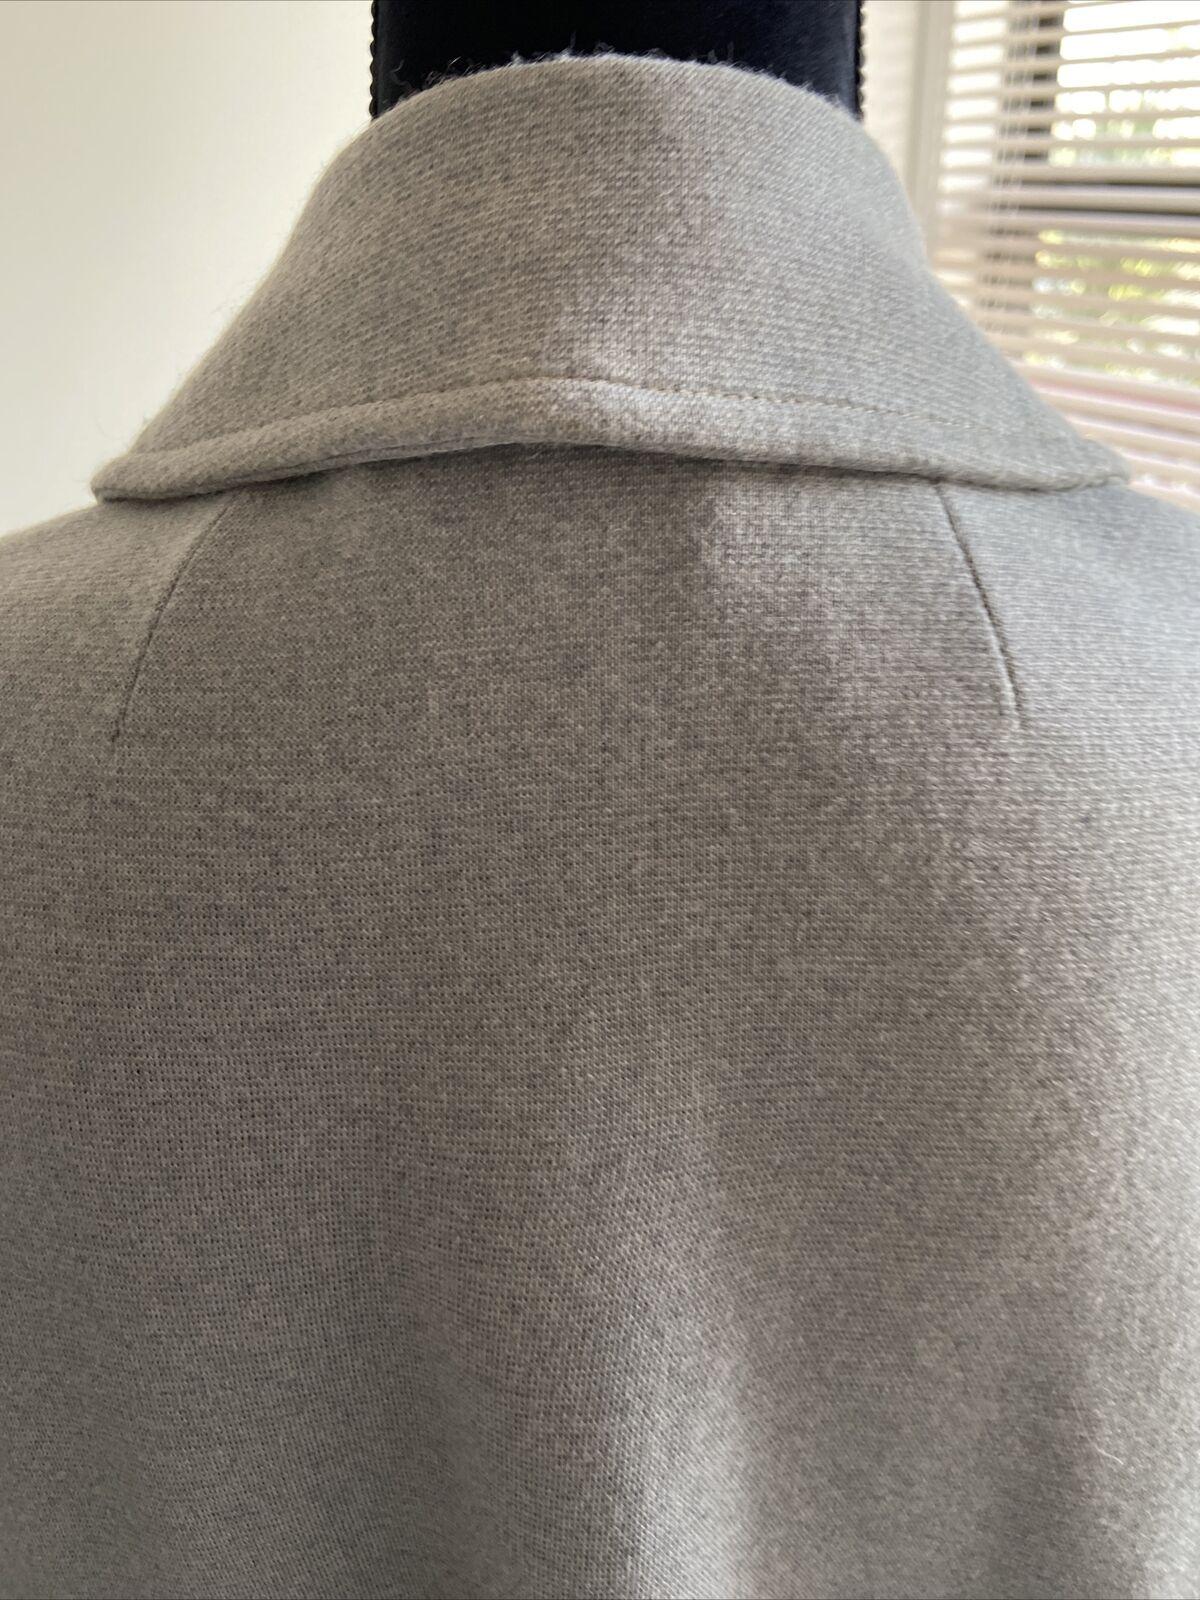 Coltalia Vintage Jacket  - image 10